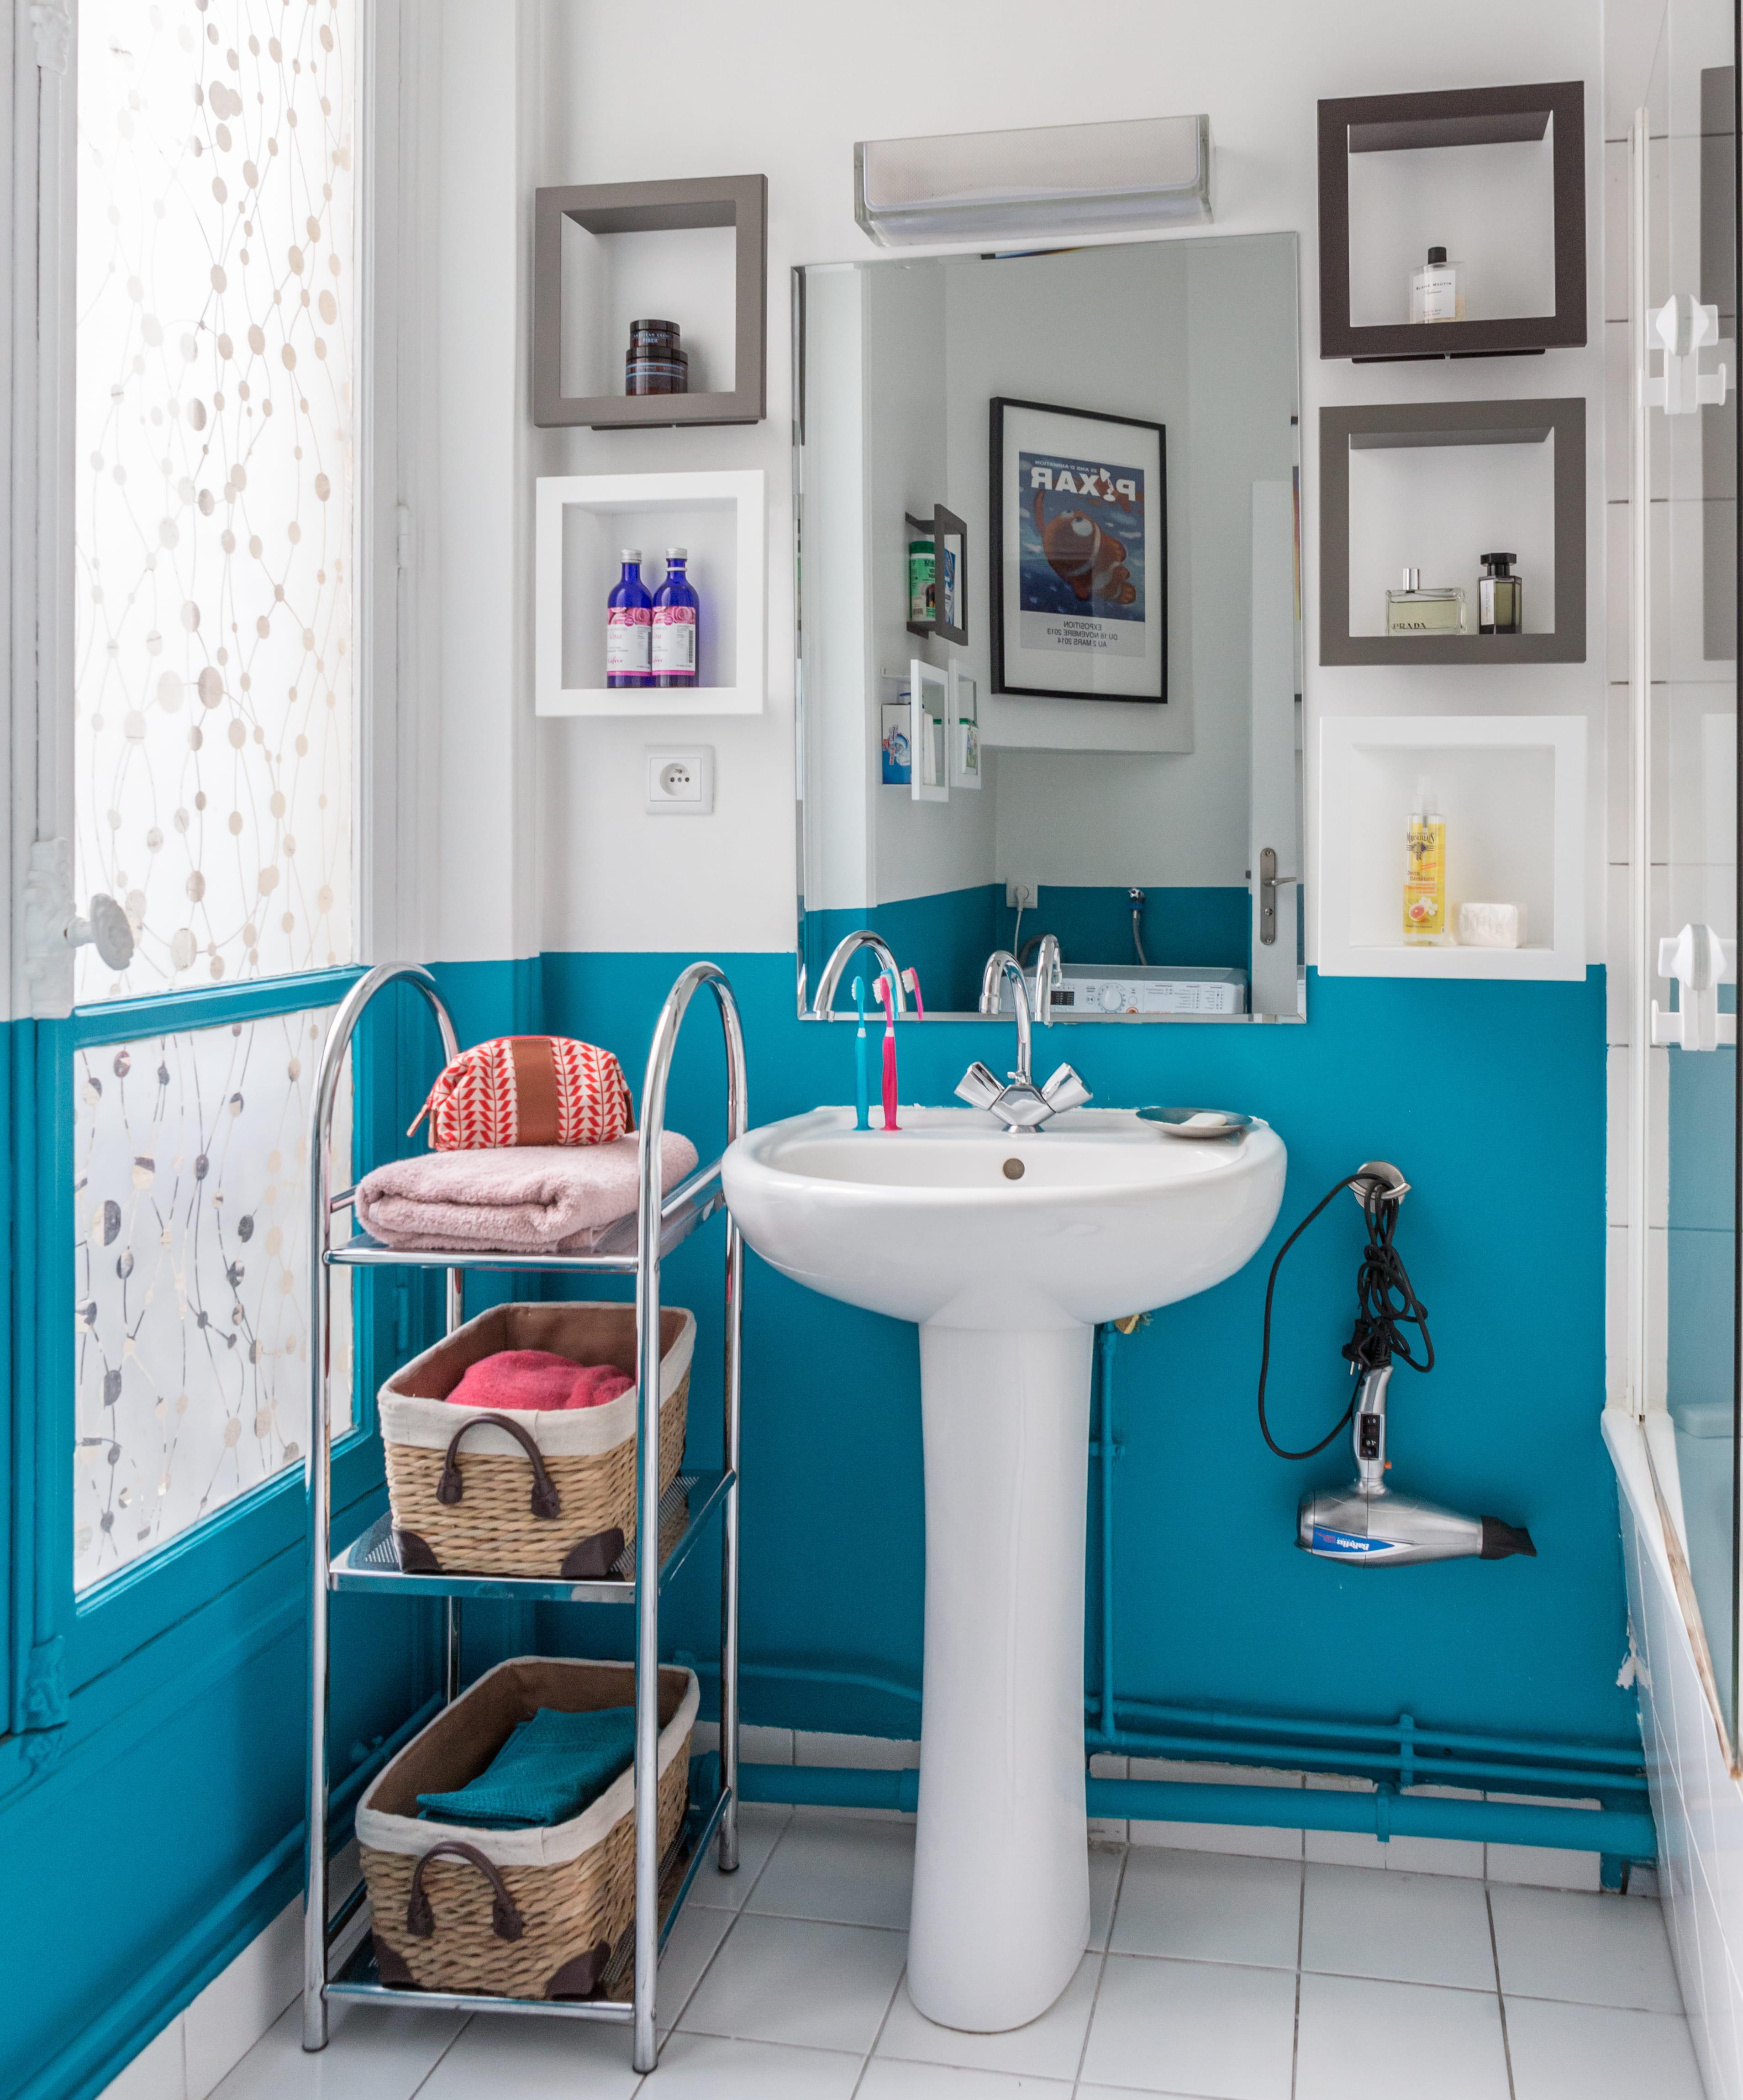 10 trucs pour relooker sa salle de bains sans se ruiner. Black Bedroom Furniture Sets. Home Design Ideas